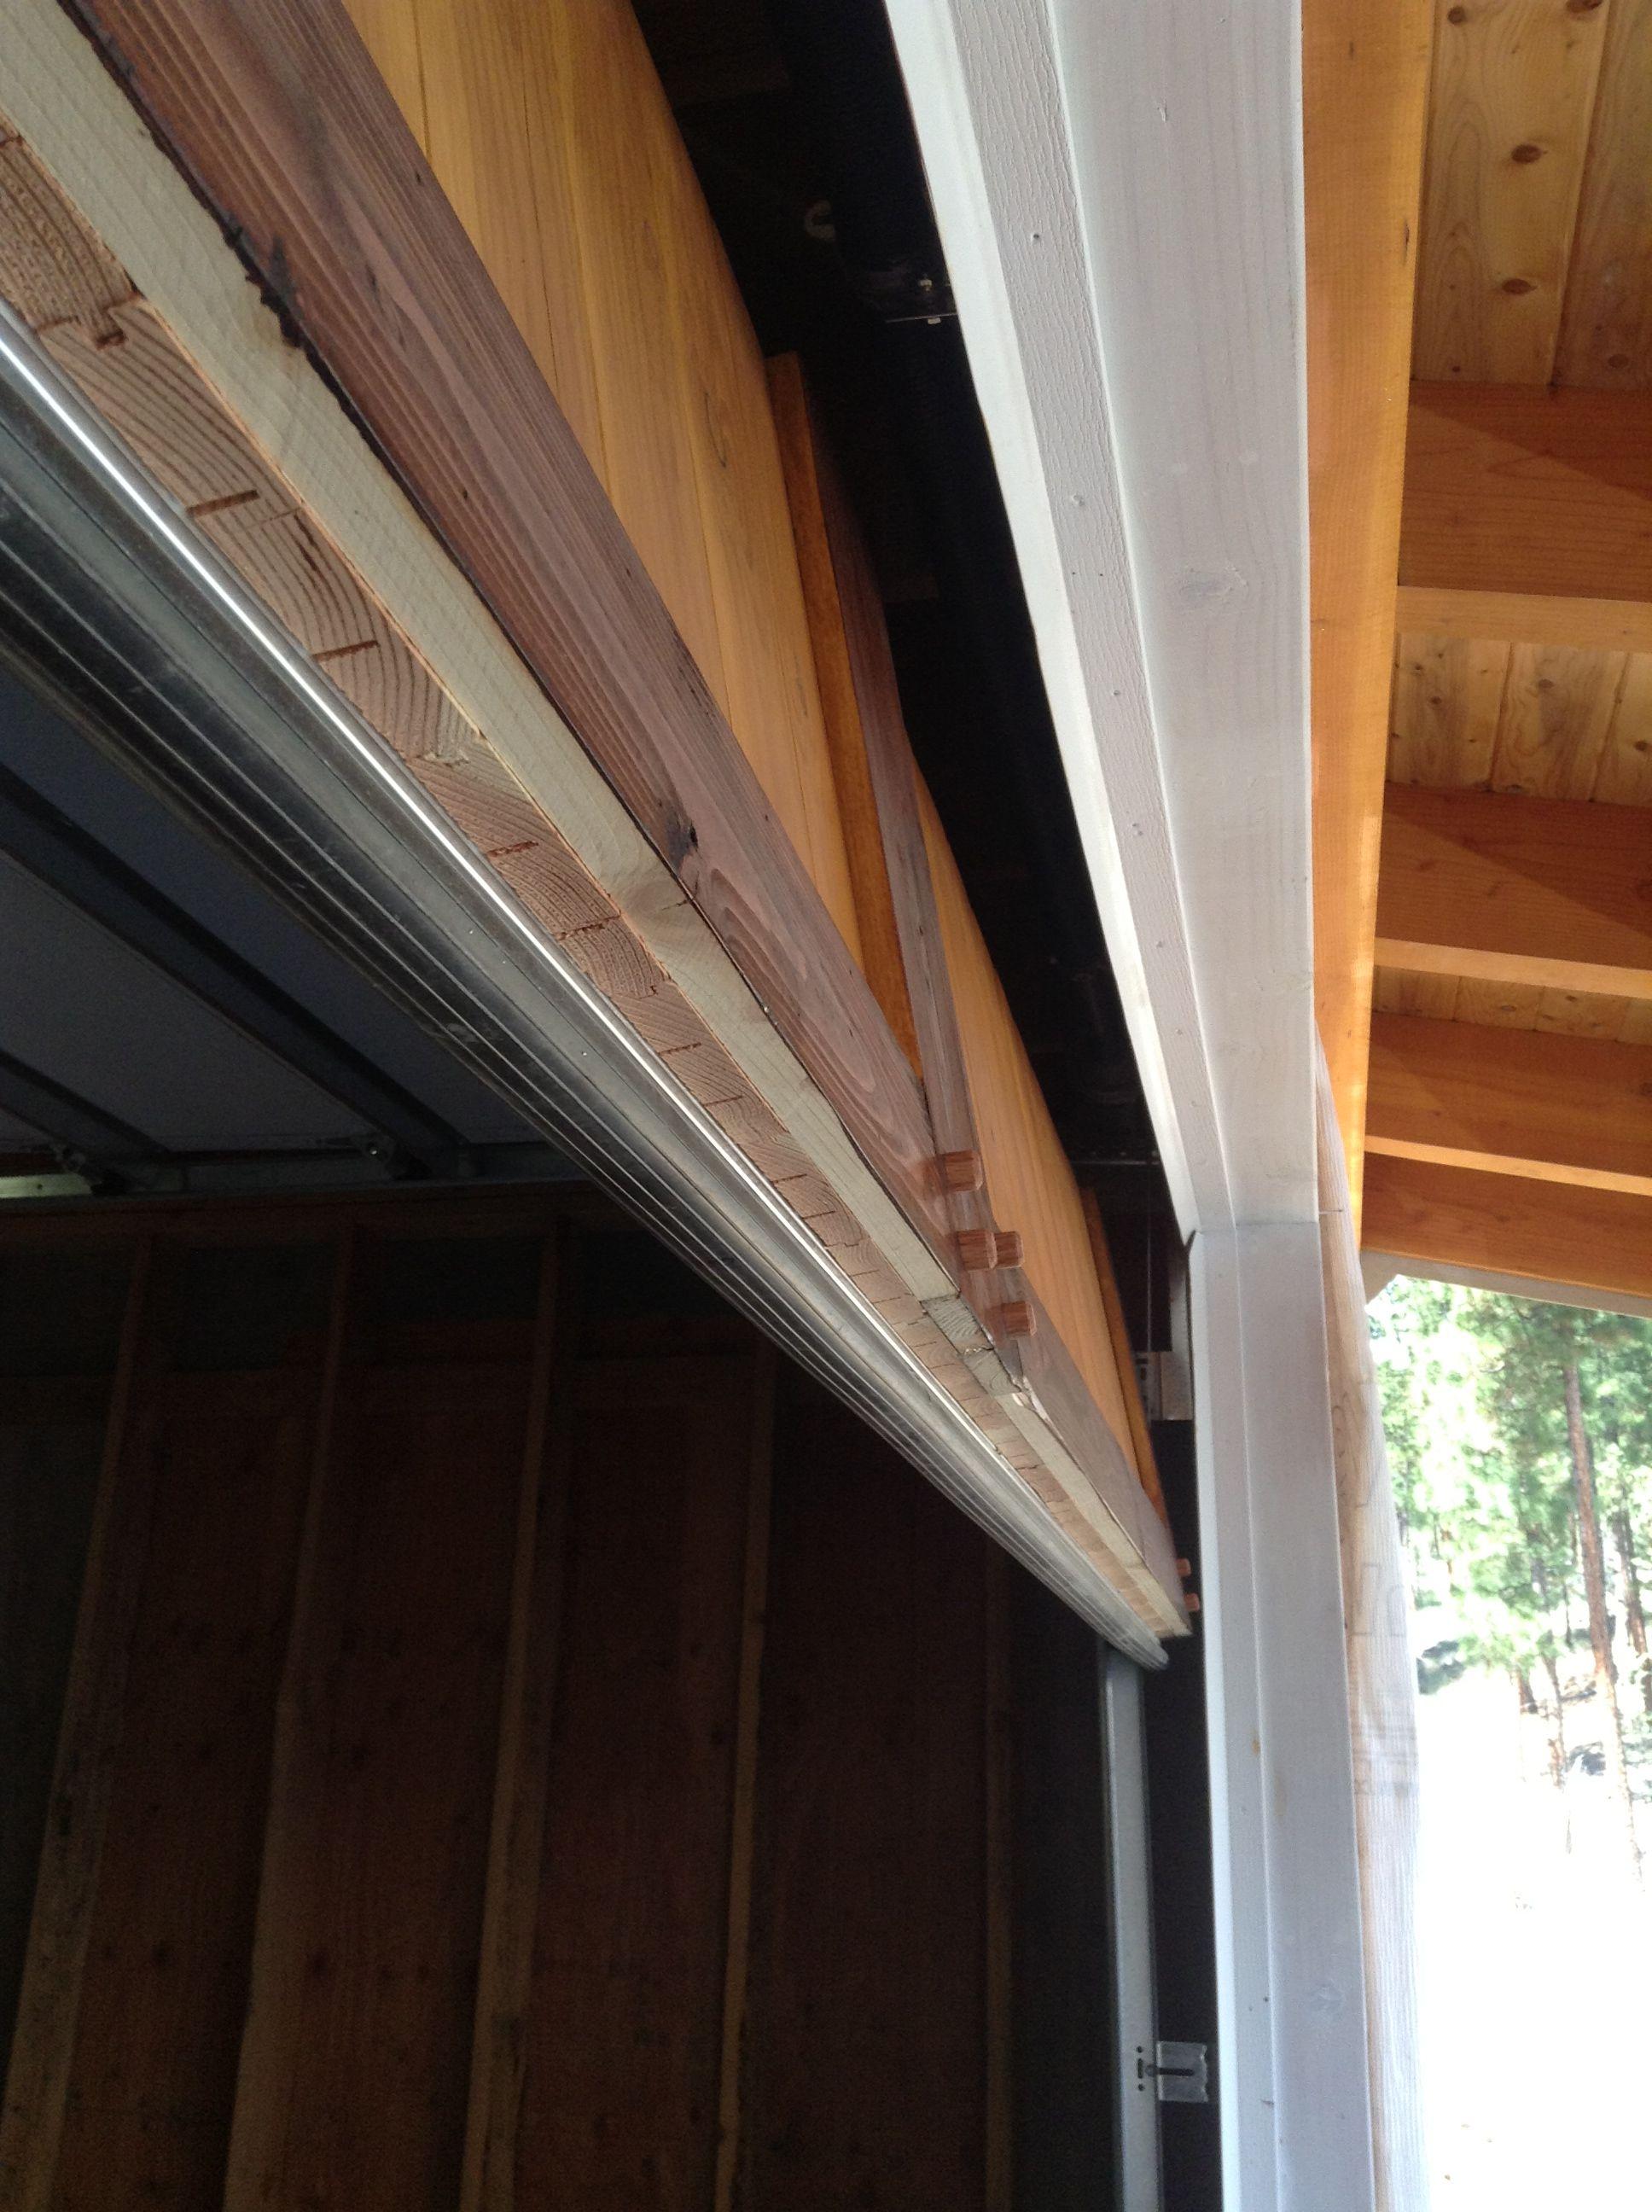 Under Side Detail Showing Rubber Weather Strip On Bottom Of Metal Door With 2 3 4 Wood Overlay Metal Door Roll Up Garage Door Sectional Door